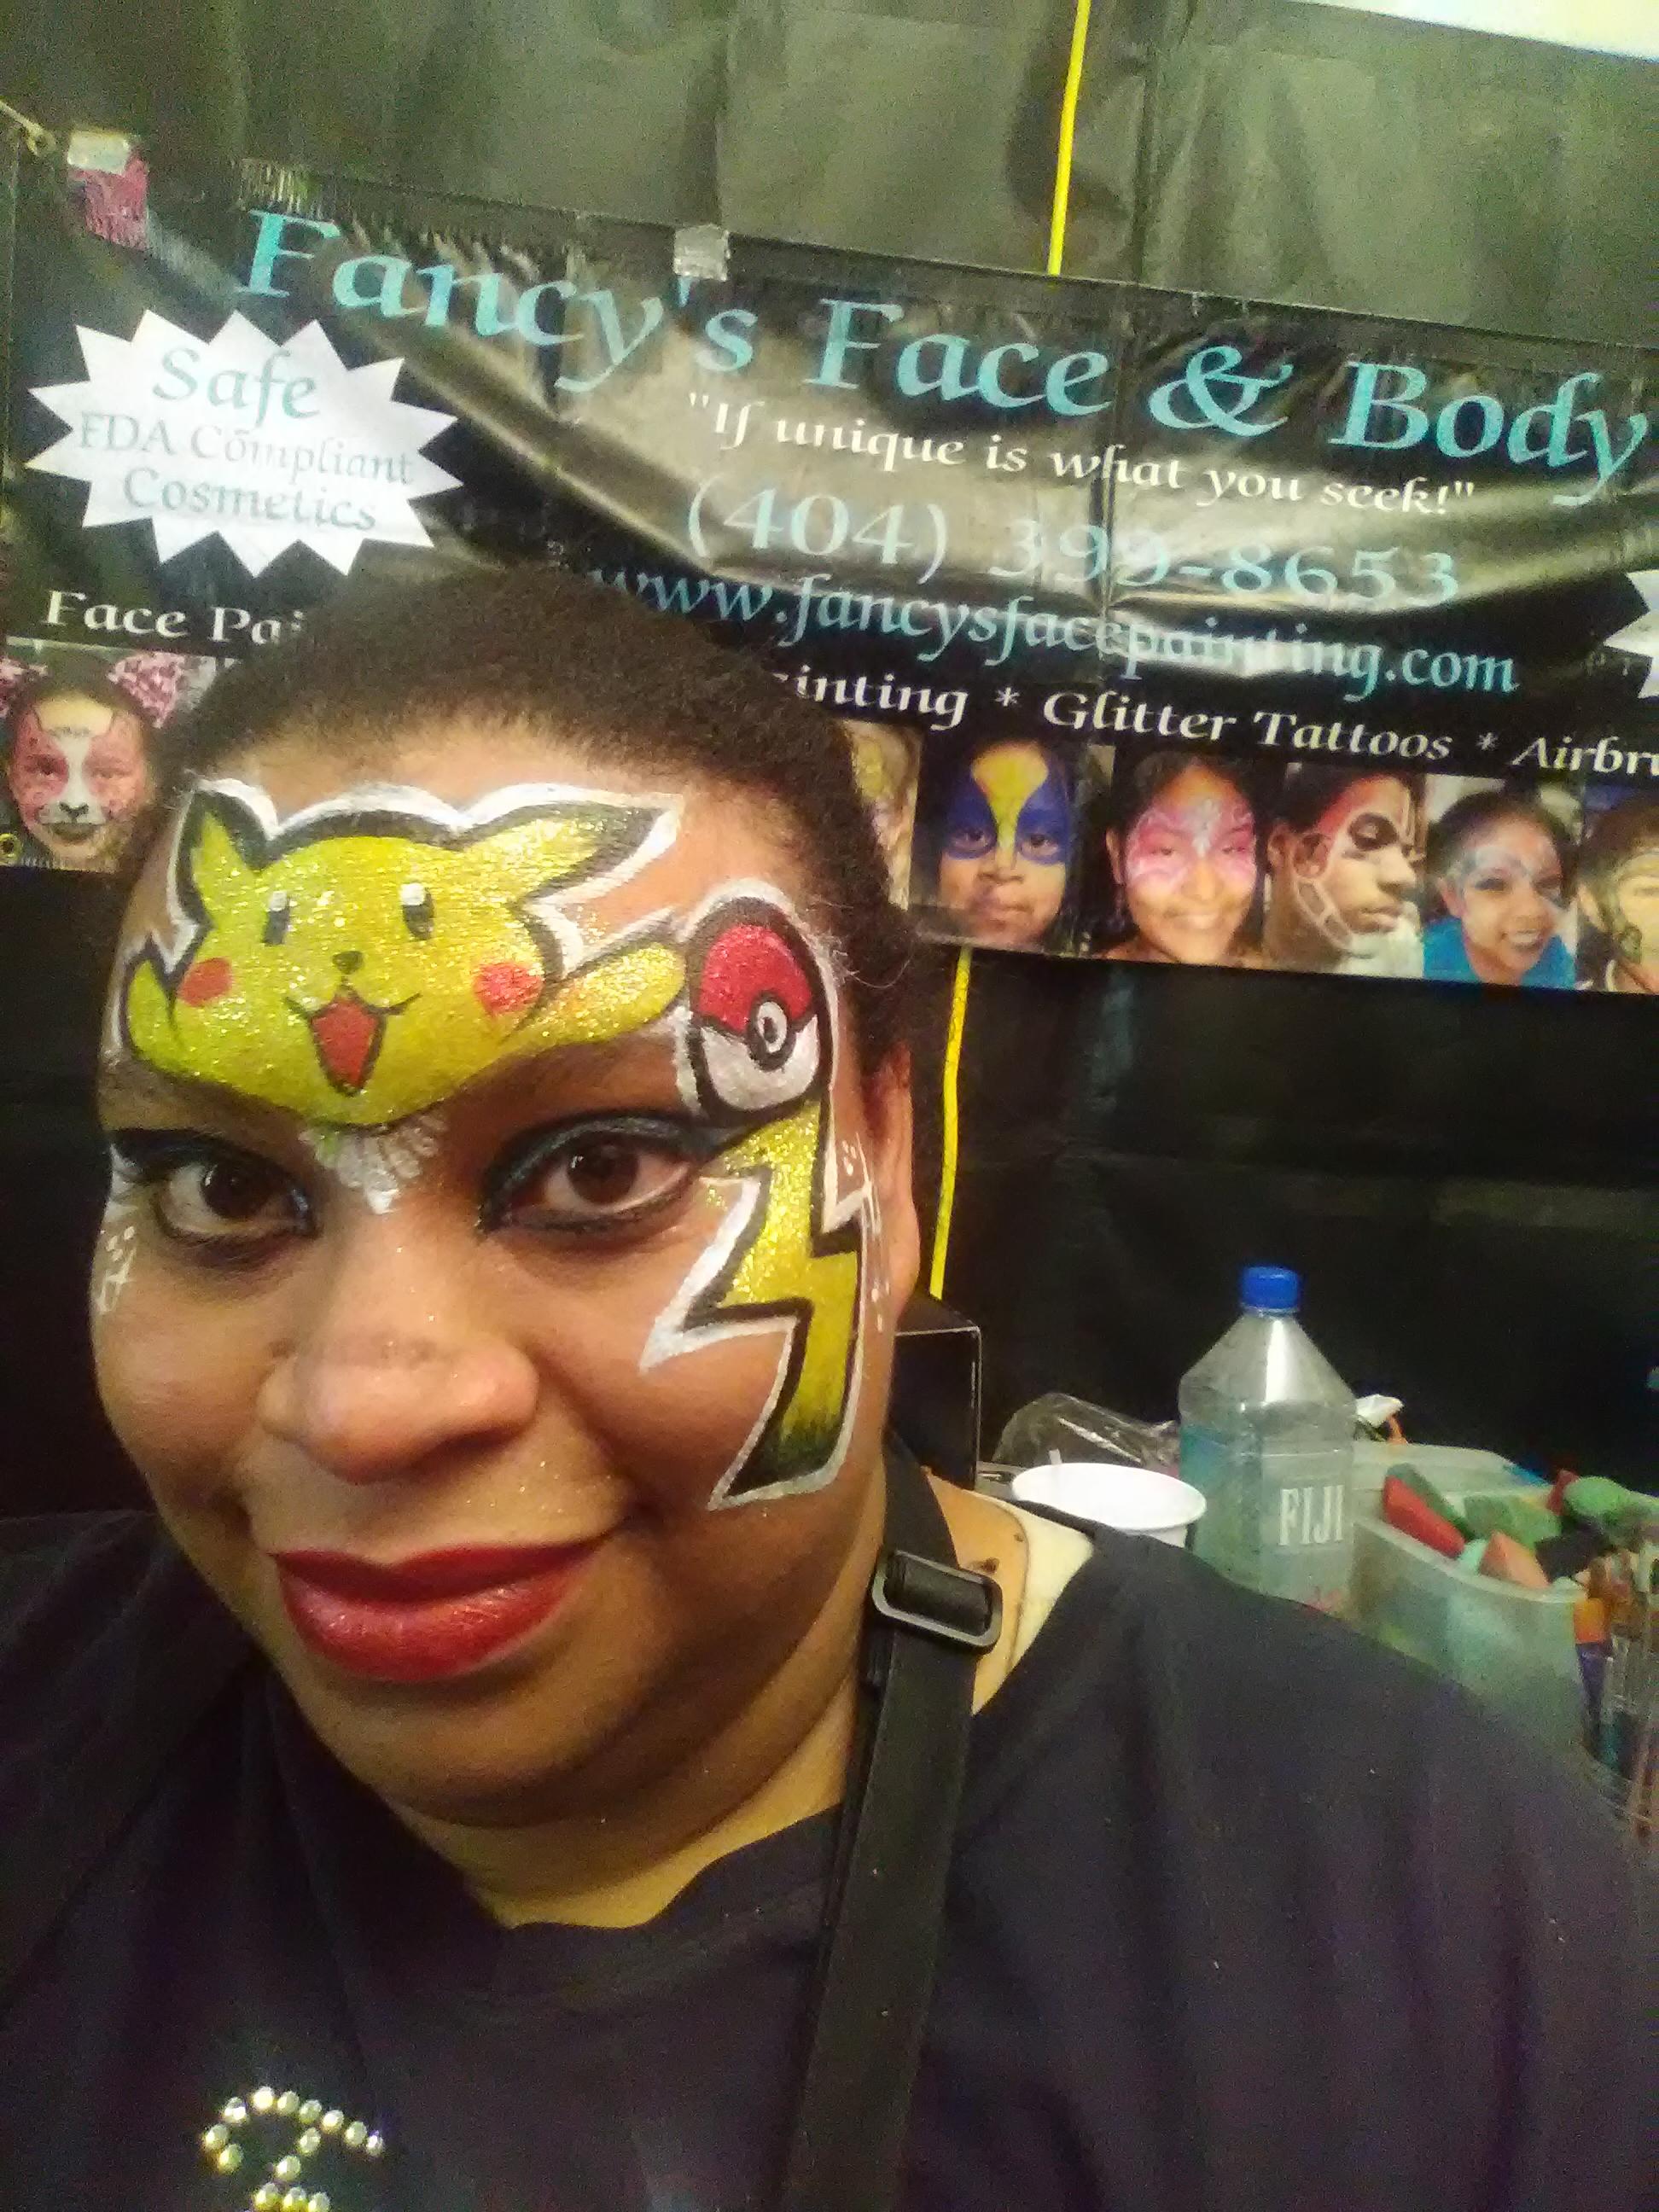 Pikachu Face Paint